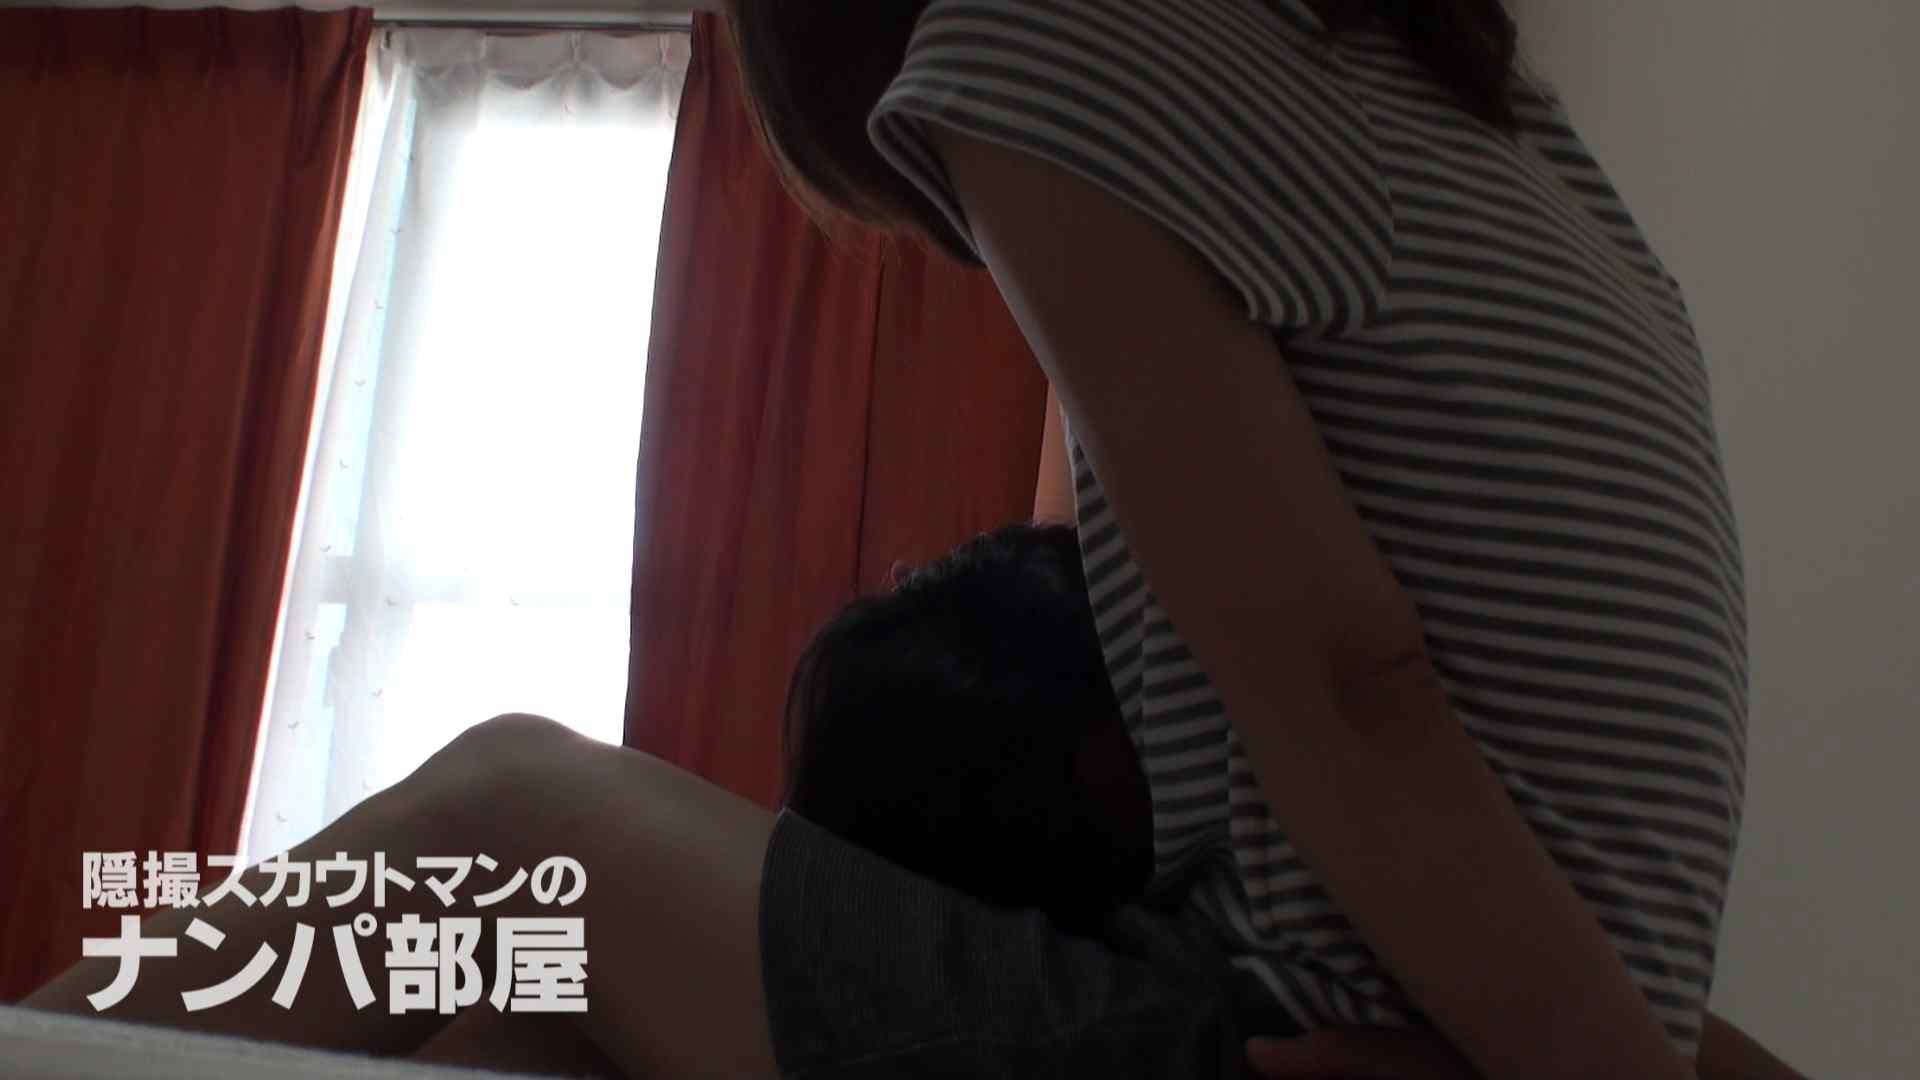 隠撮スカウトマンのナンパ部屋~風俗デビュー前のつまみ食い~ siivol.3 SEX | 隠撮  76pic 57